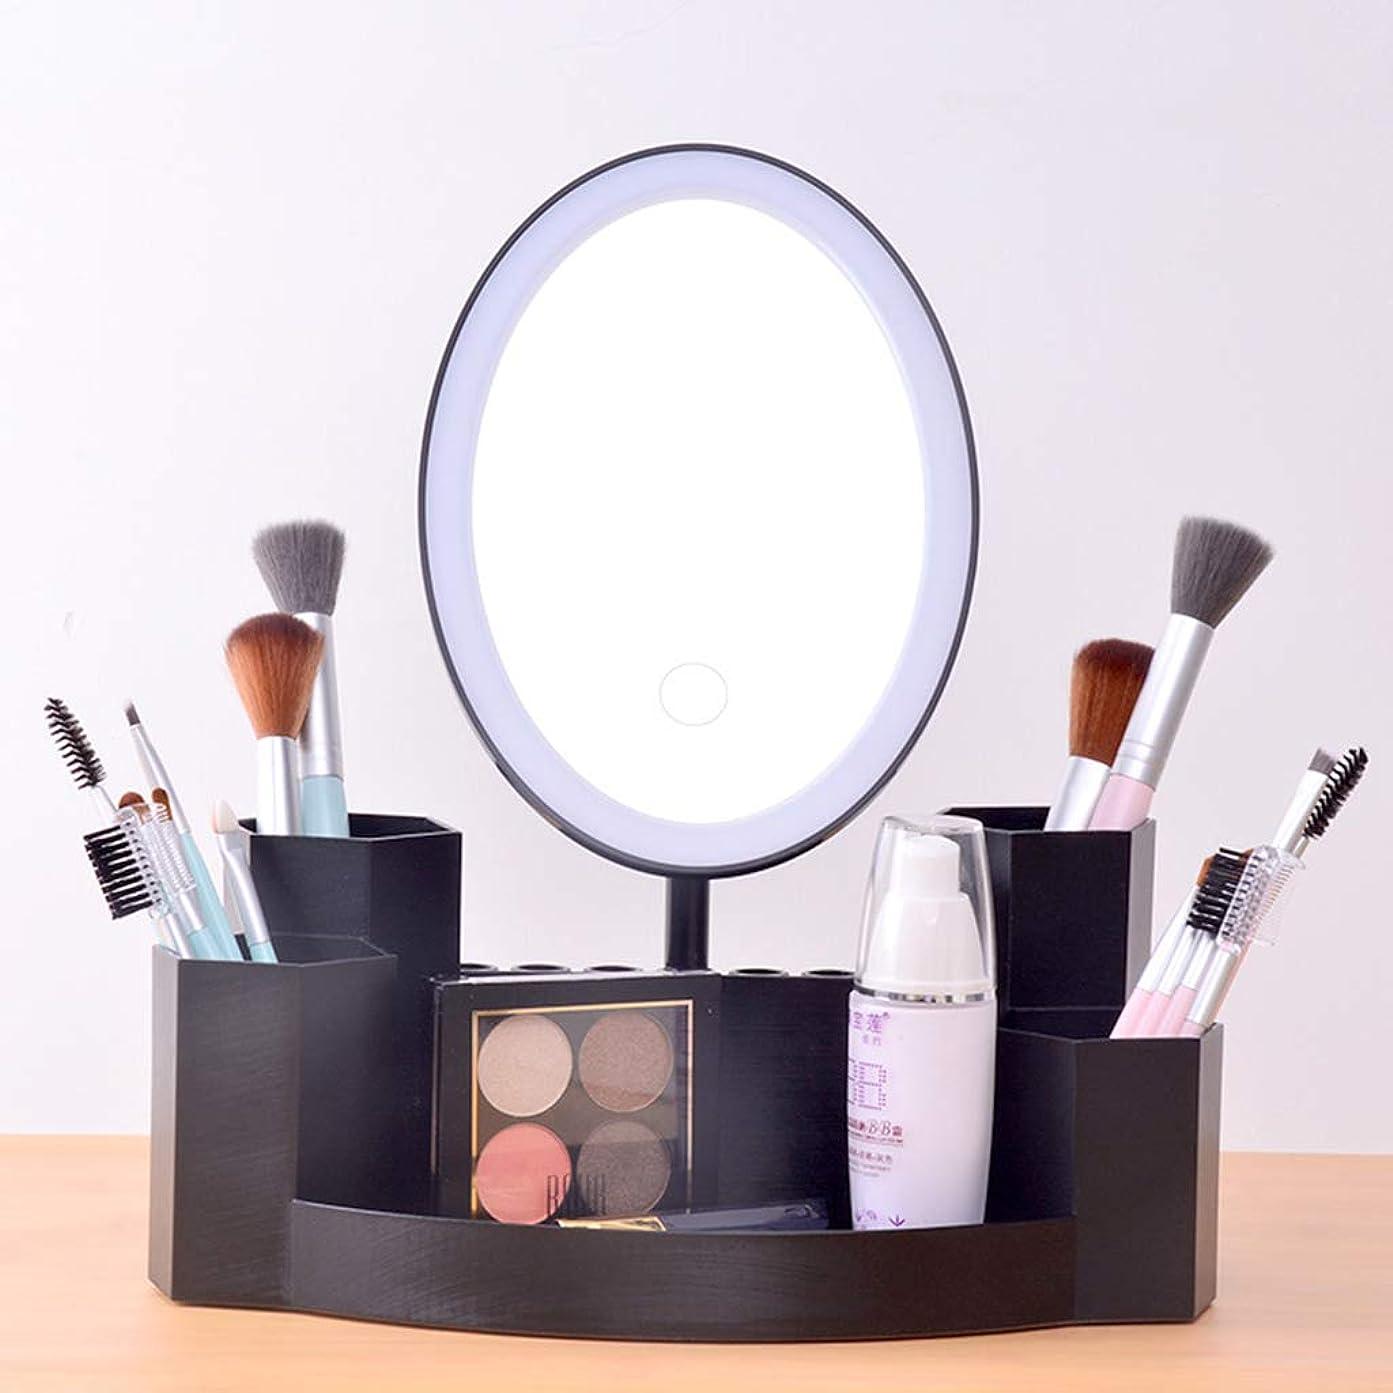 辞任するり計算するLED照明付き化粧鏡収納ボックス付きライト付き、デュアル電源180°回転調光対応タッチスクリーンスイッチテーブルランプ